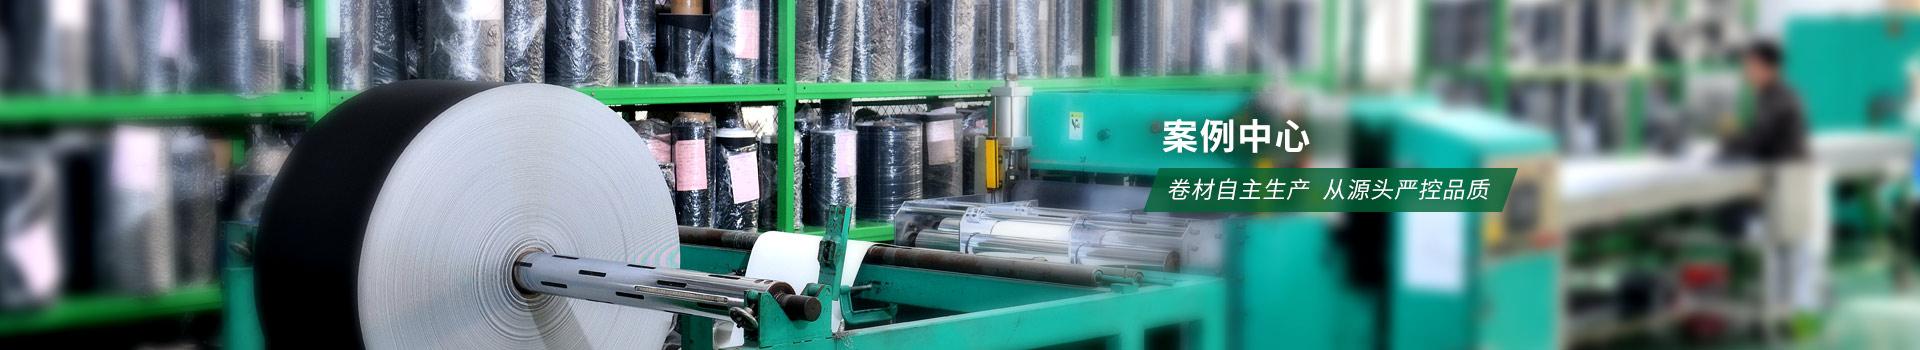 浙江米欧产销研一体 卷材自主生产   从源头严控品质